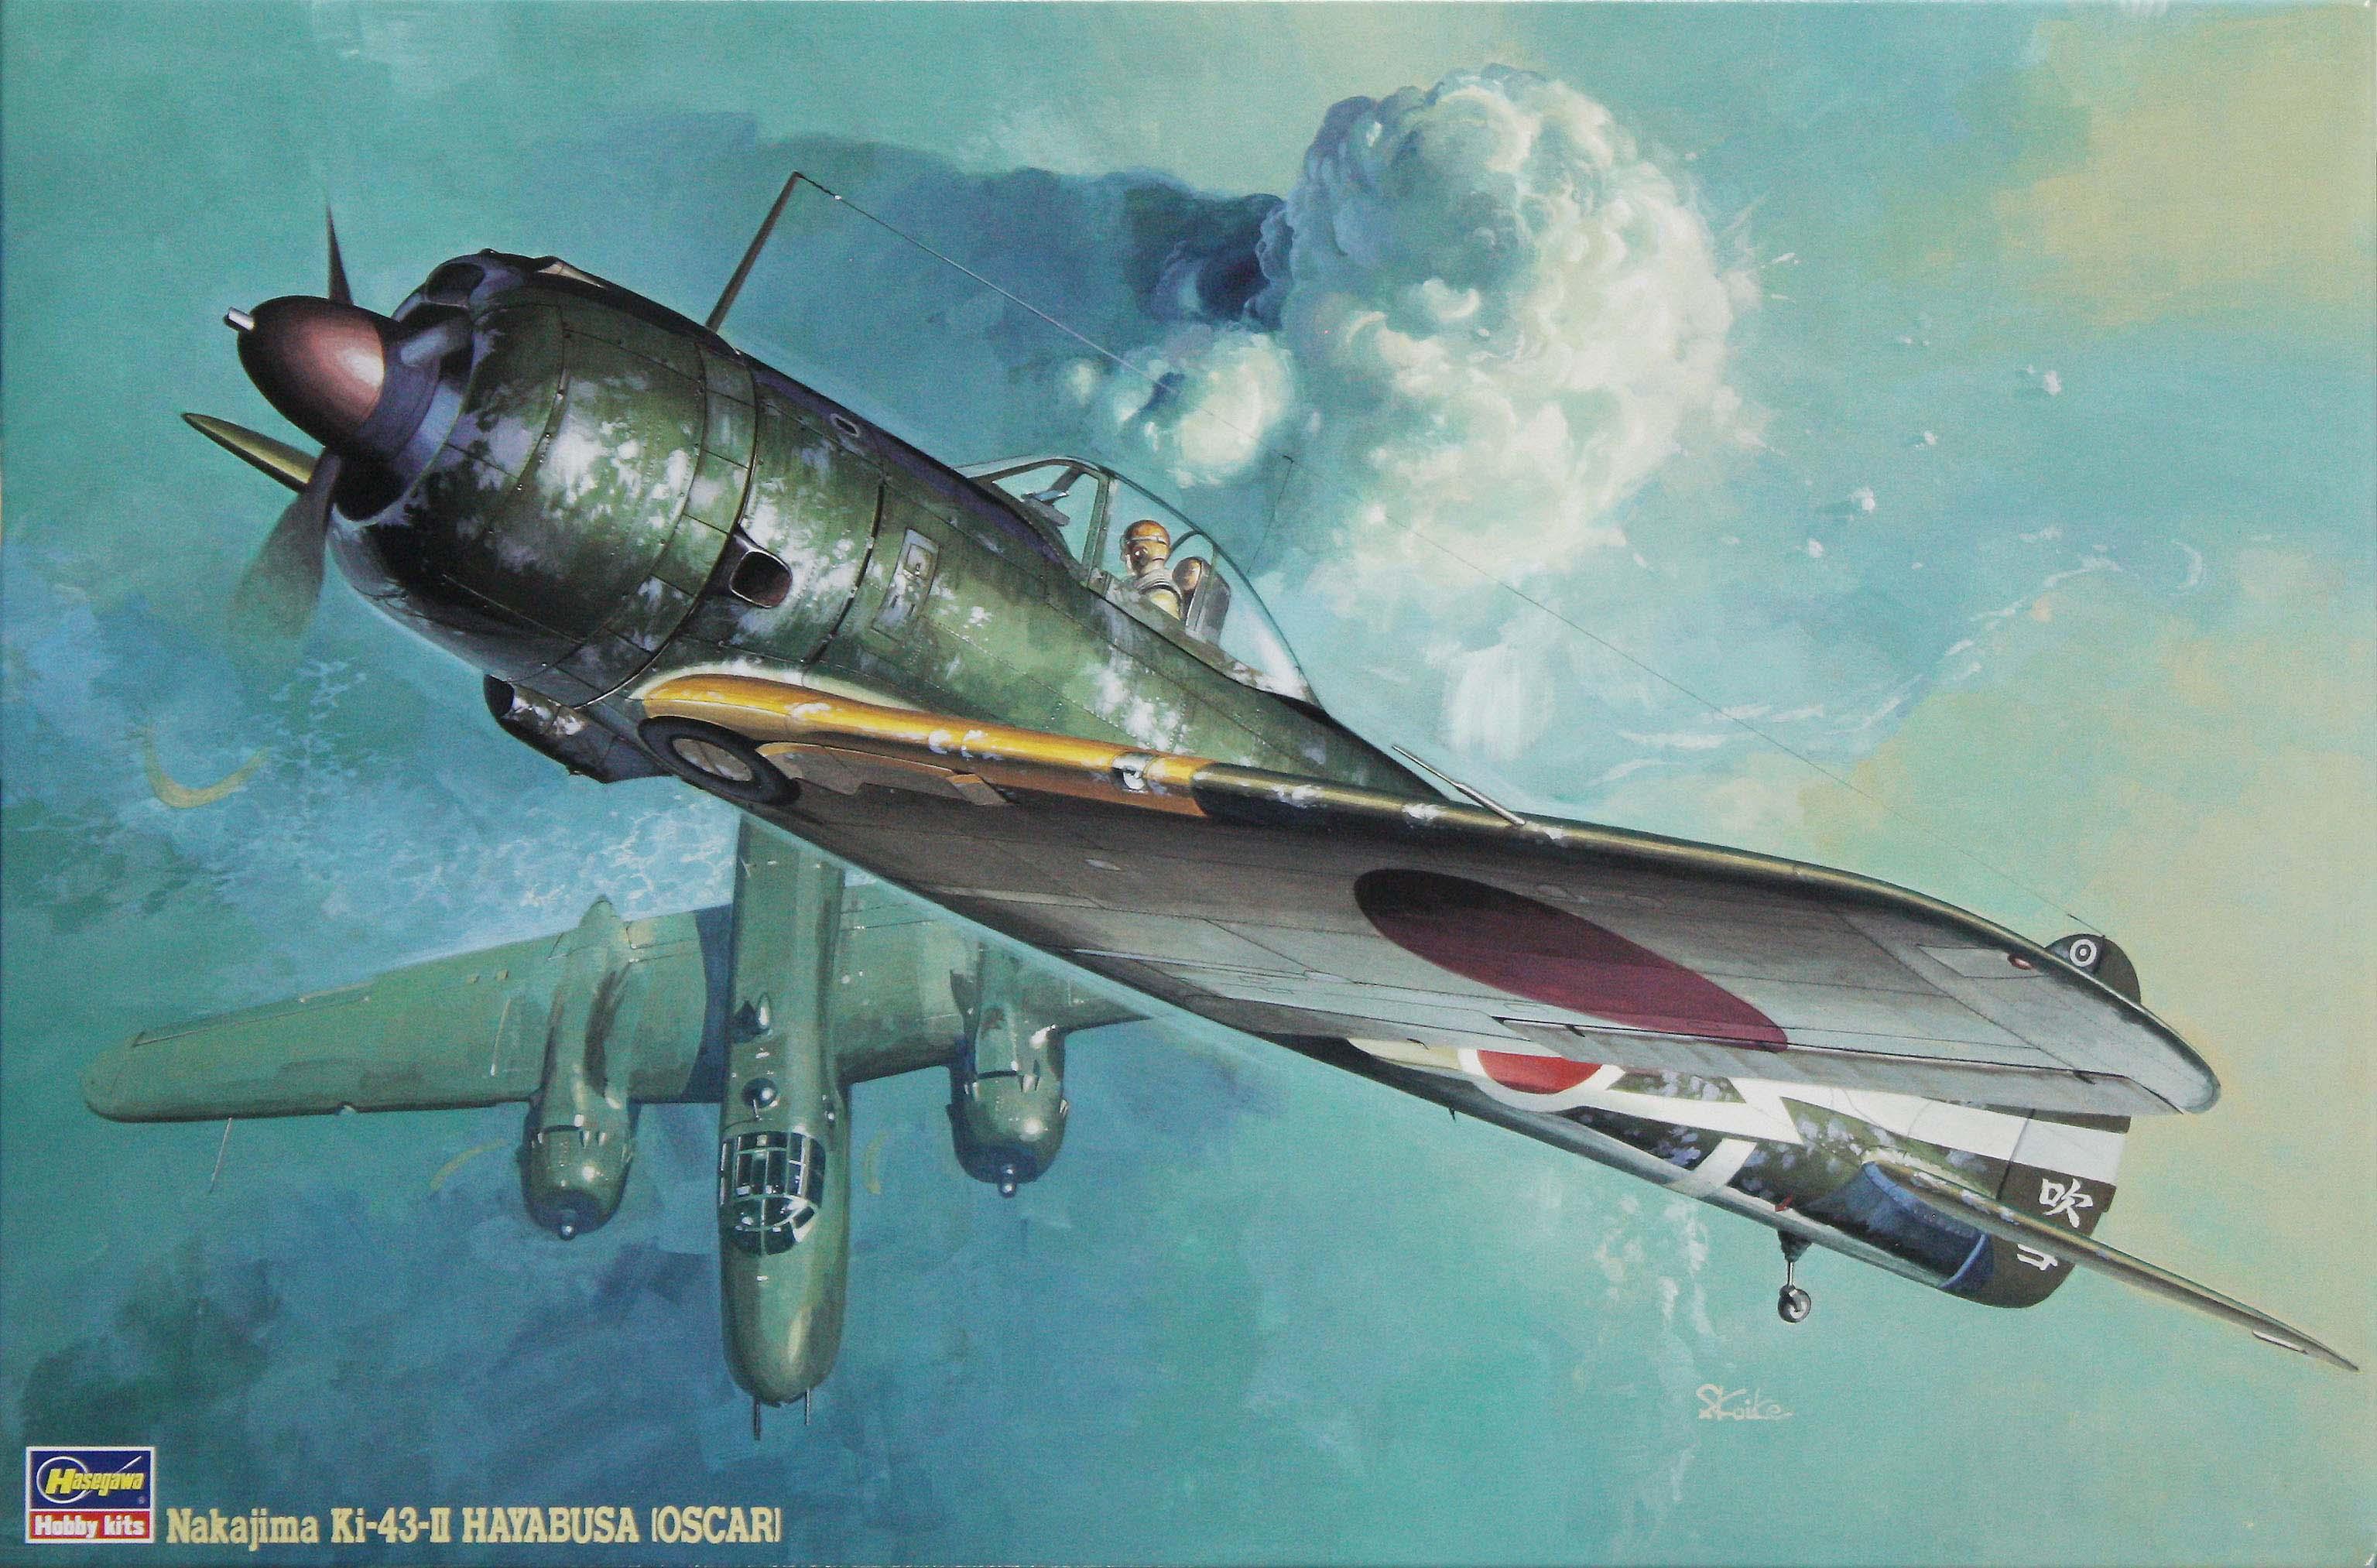 Hasegawa 1/32 Ki-43-II Oscar (Hayabusa)